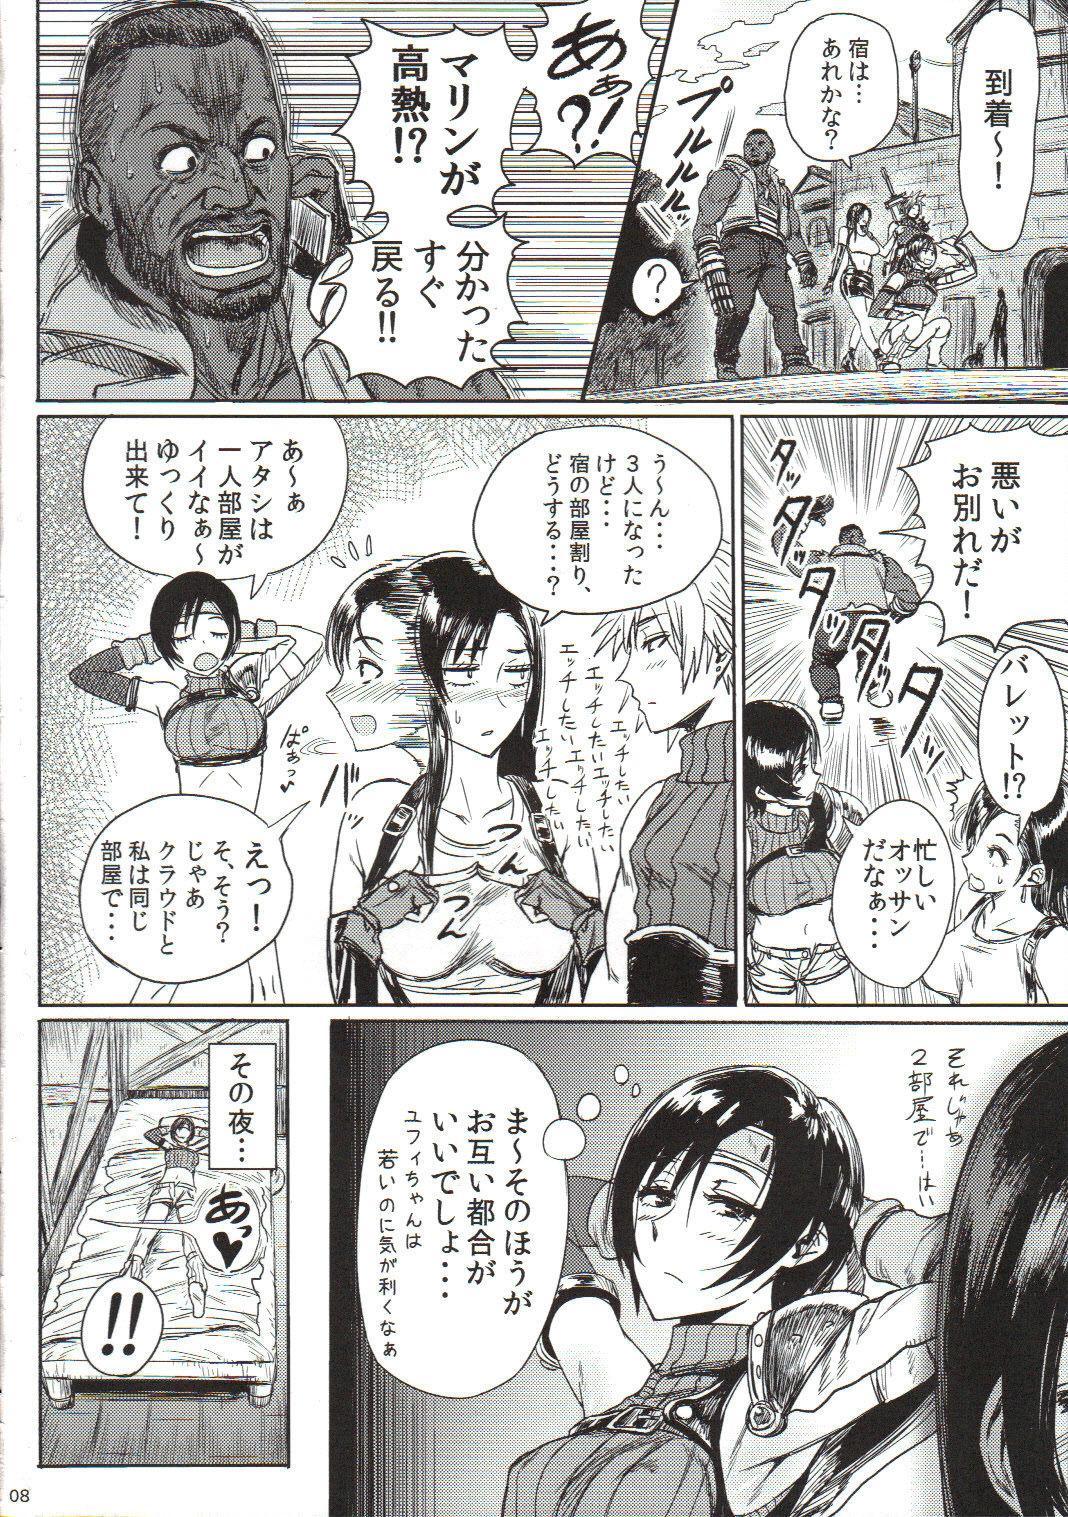 Shinobi no Musume wa Ijiritai Zakari 8